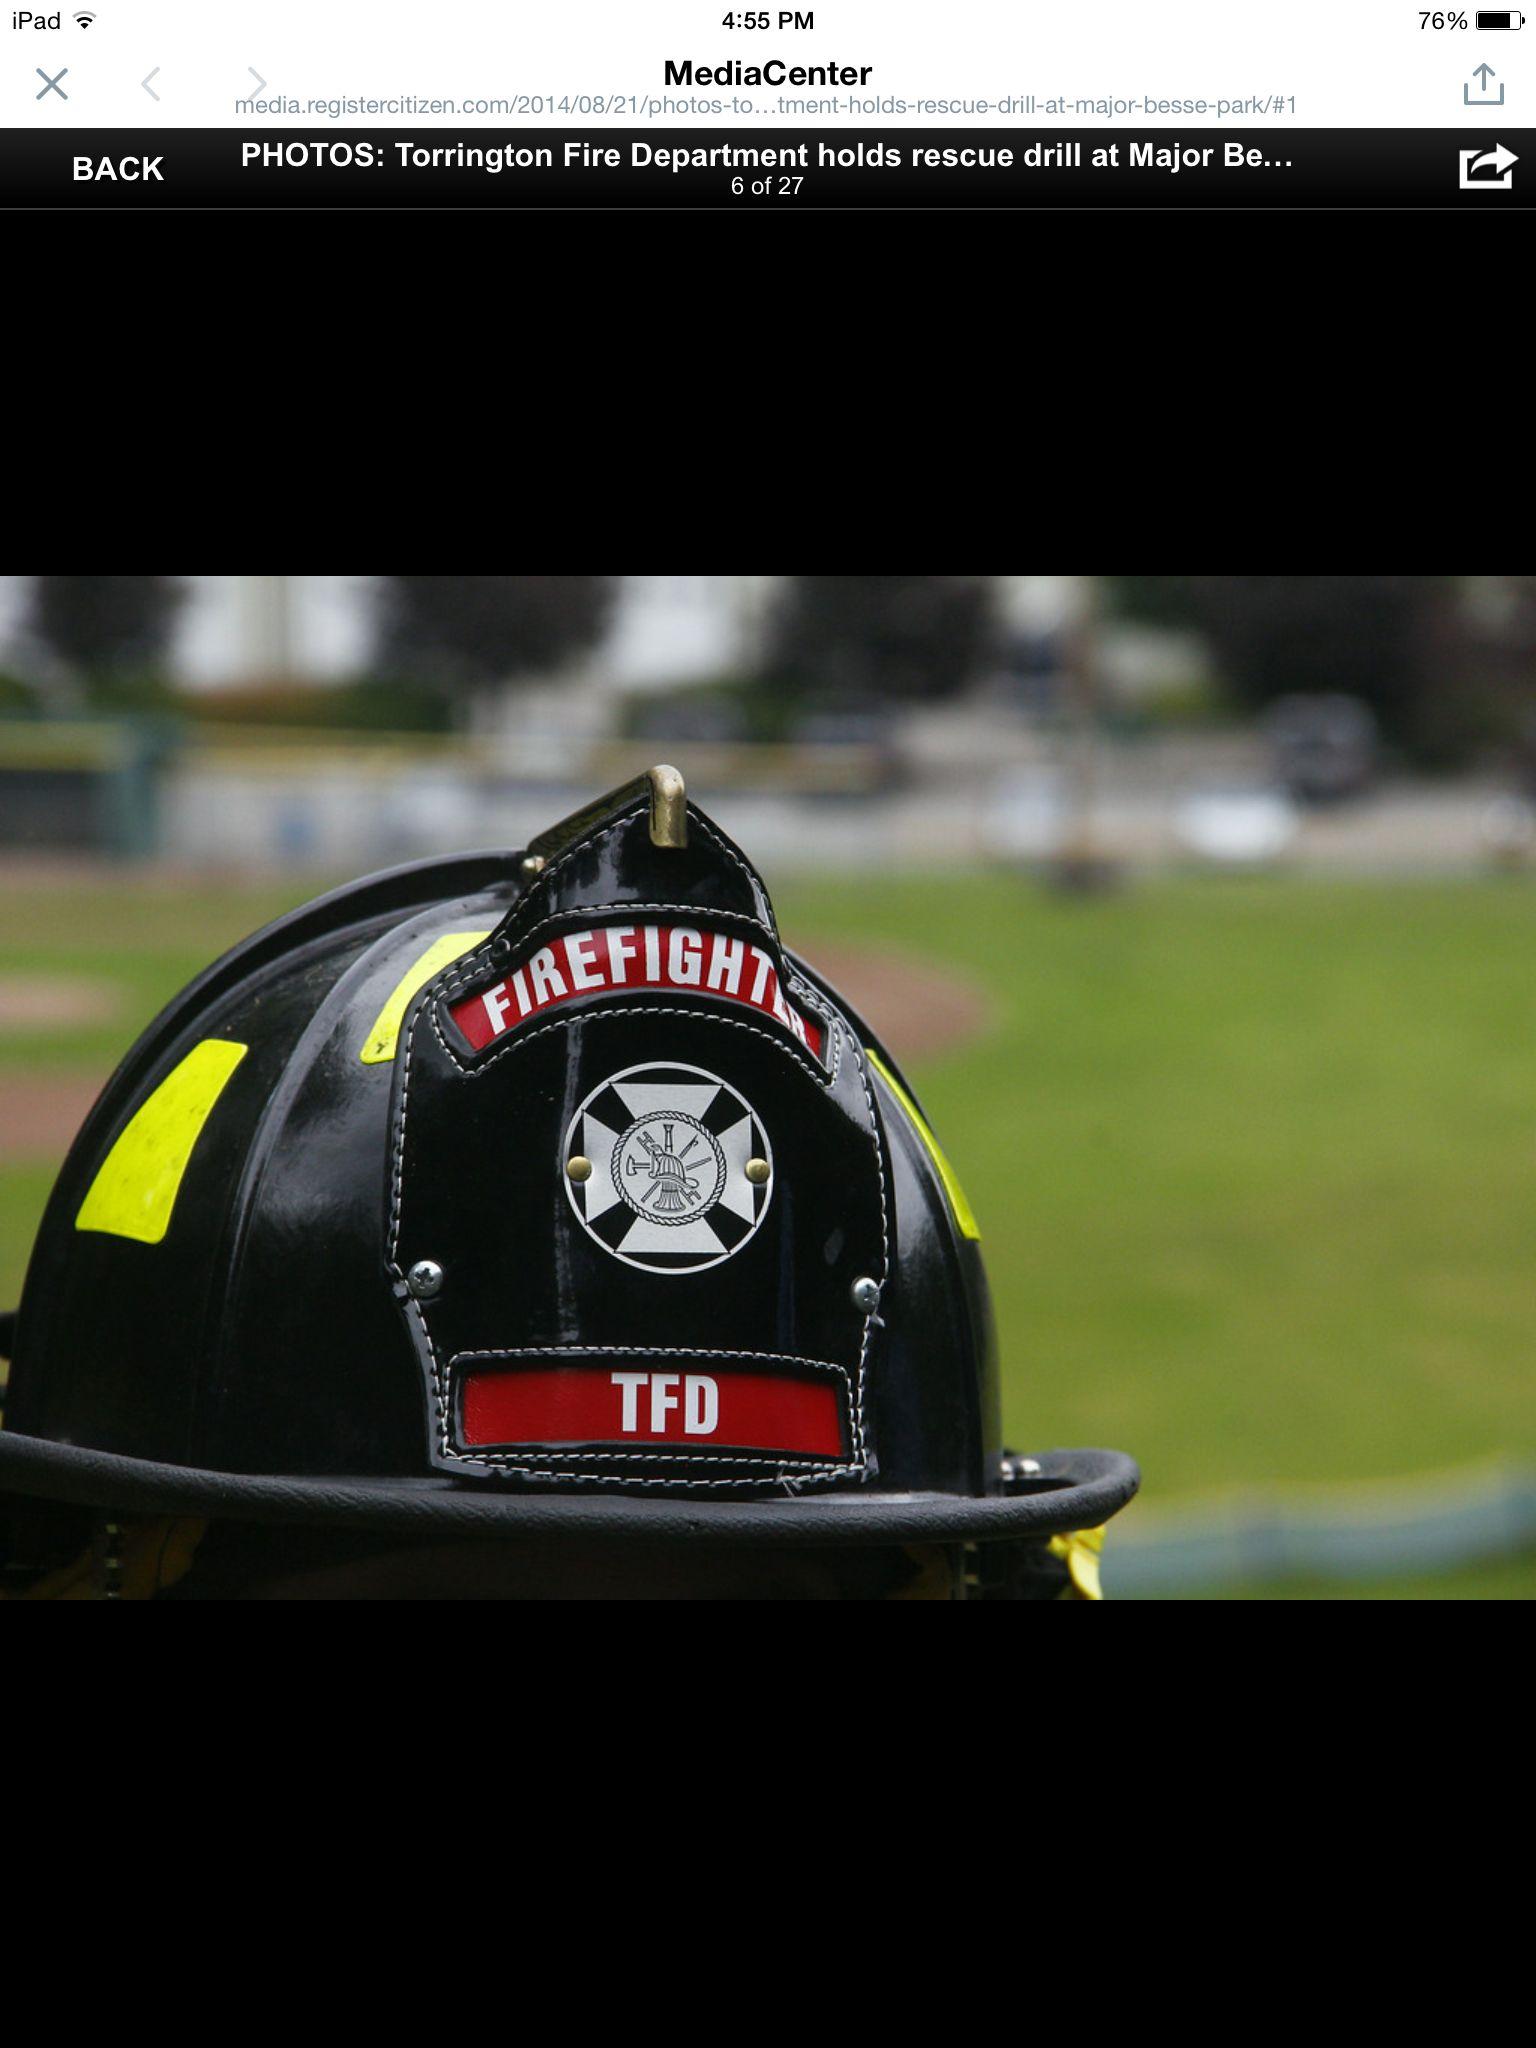 Torrington fire department fire department torrington fire